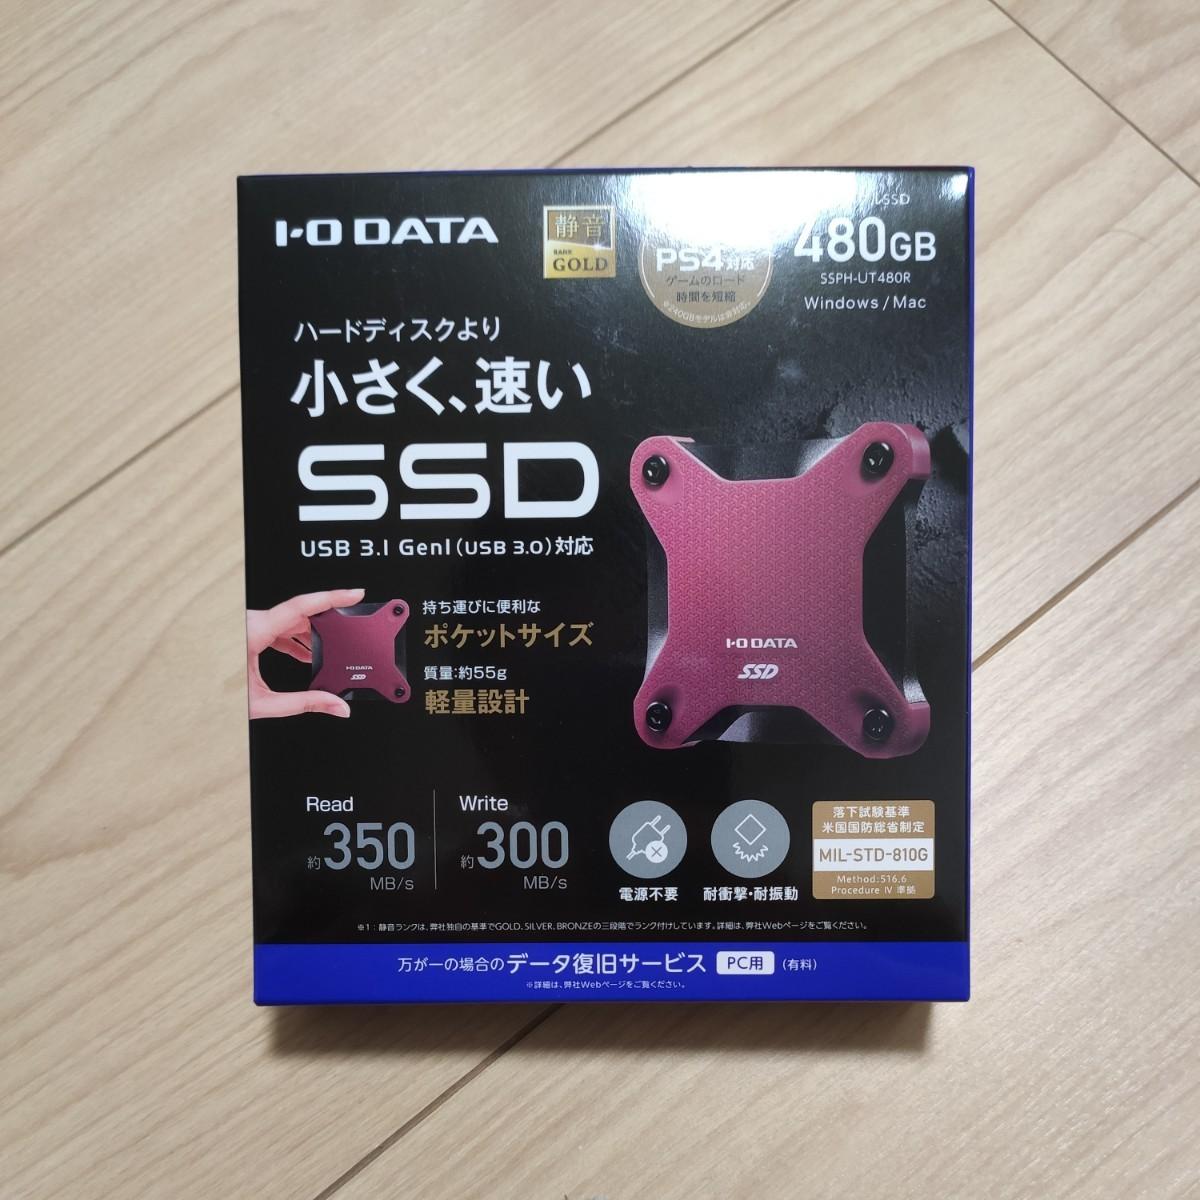 【新品未開封品】I-O DATA USB 3.1 ポータブルSSD 480GB